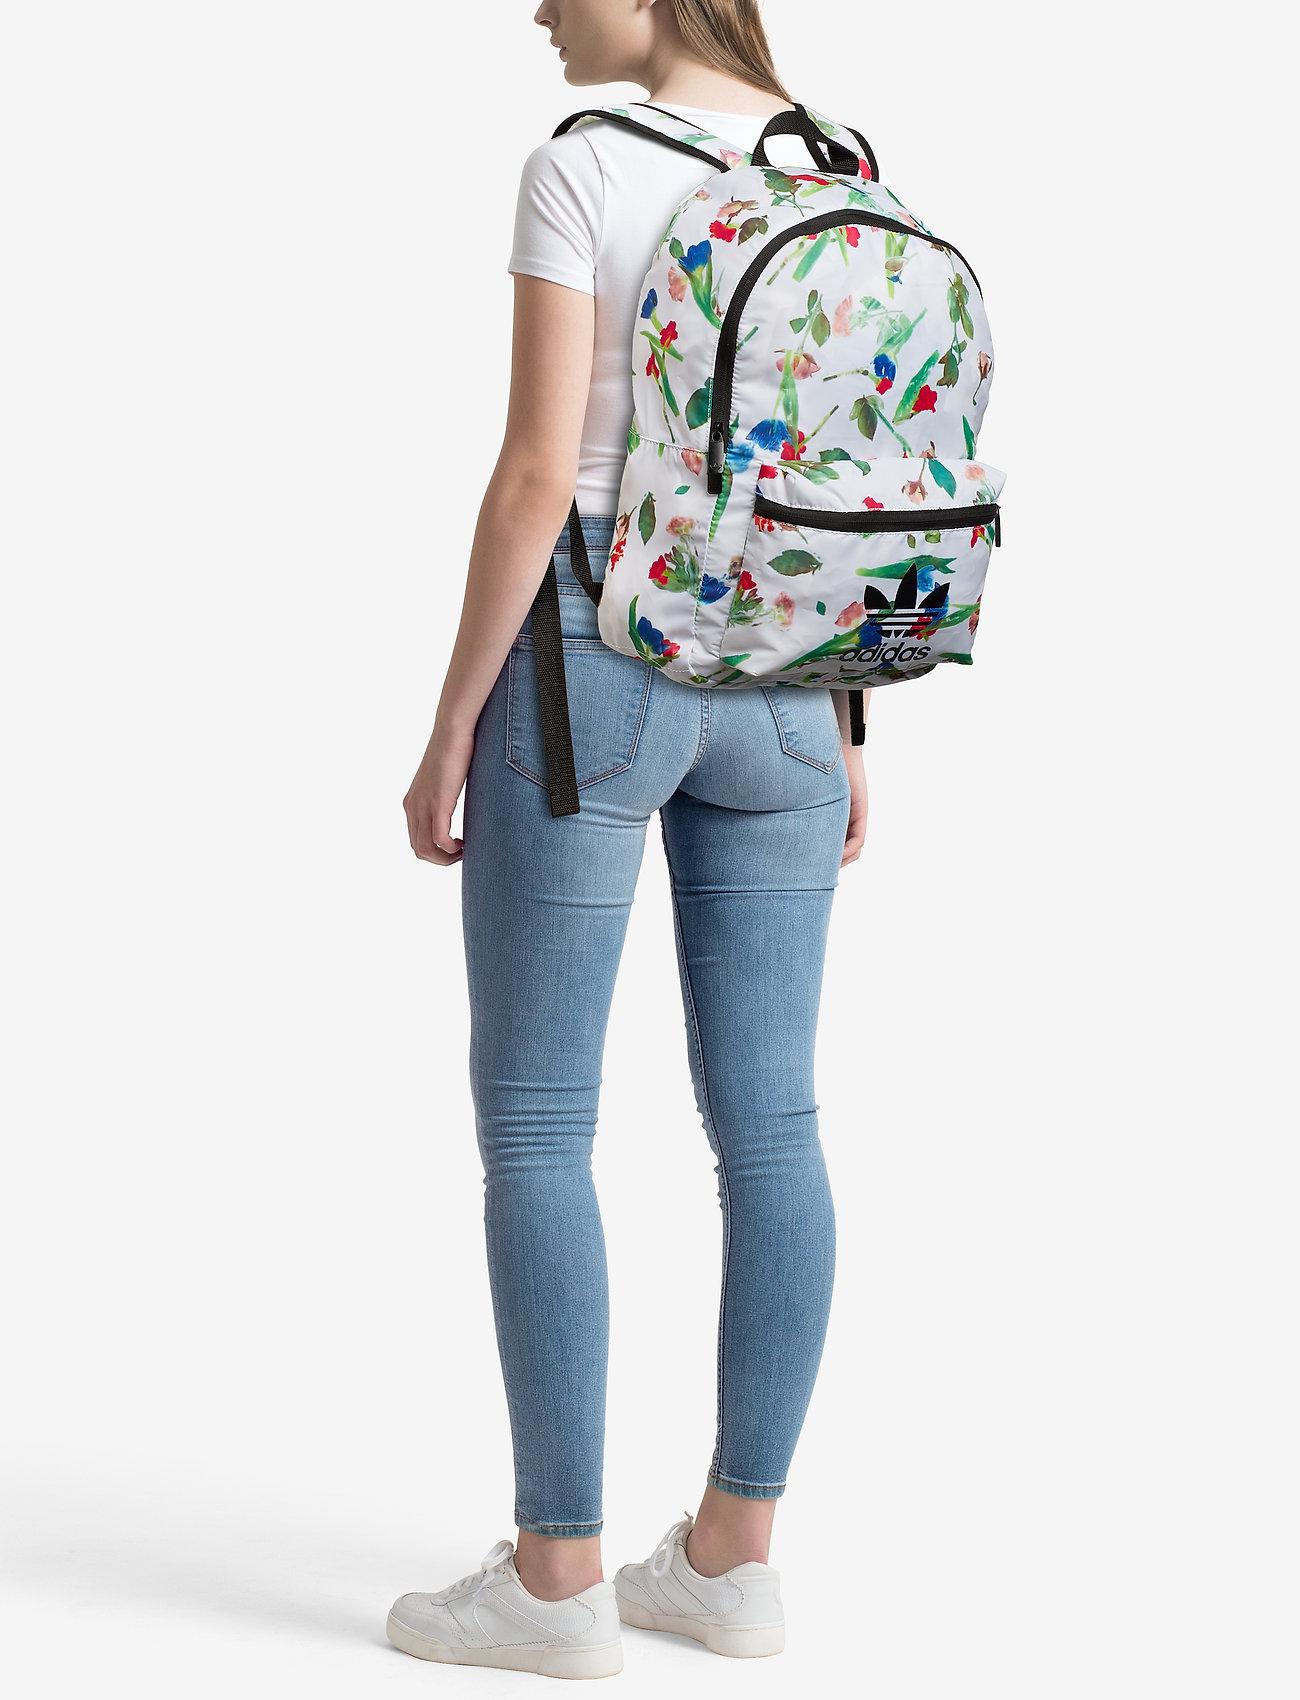 adidas Originals BP CLASSIC - MULTCO/WHITE